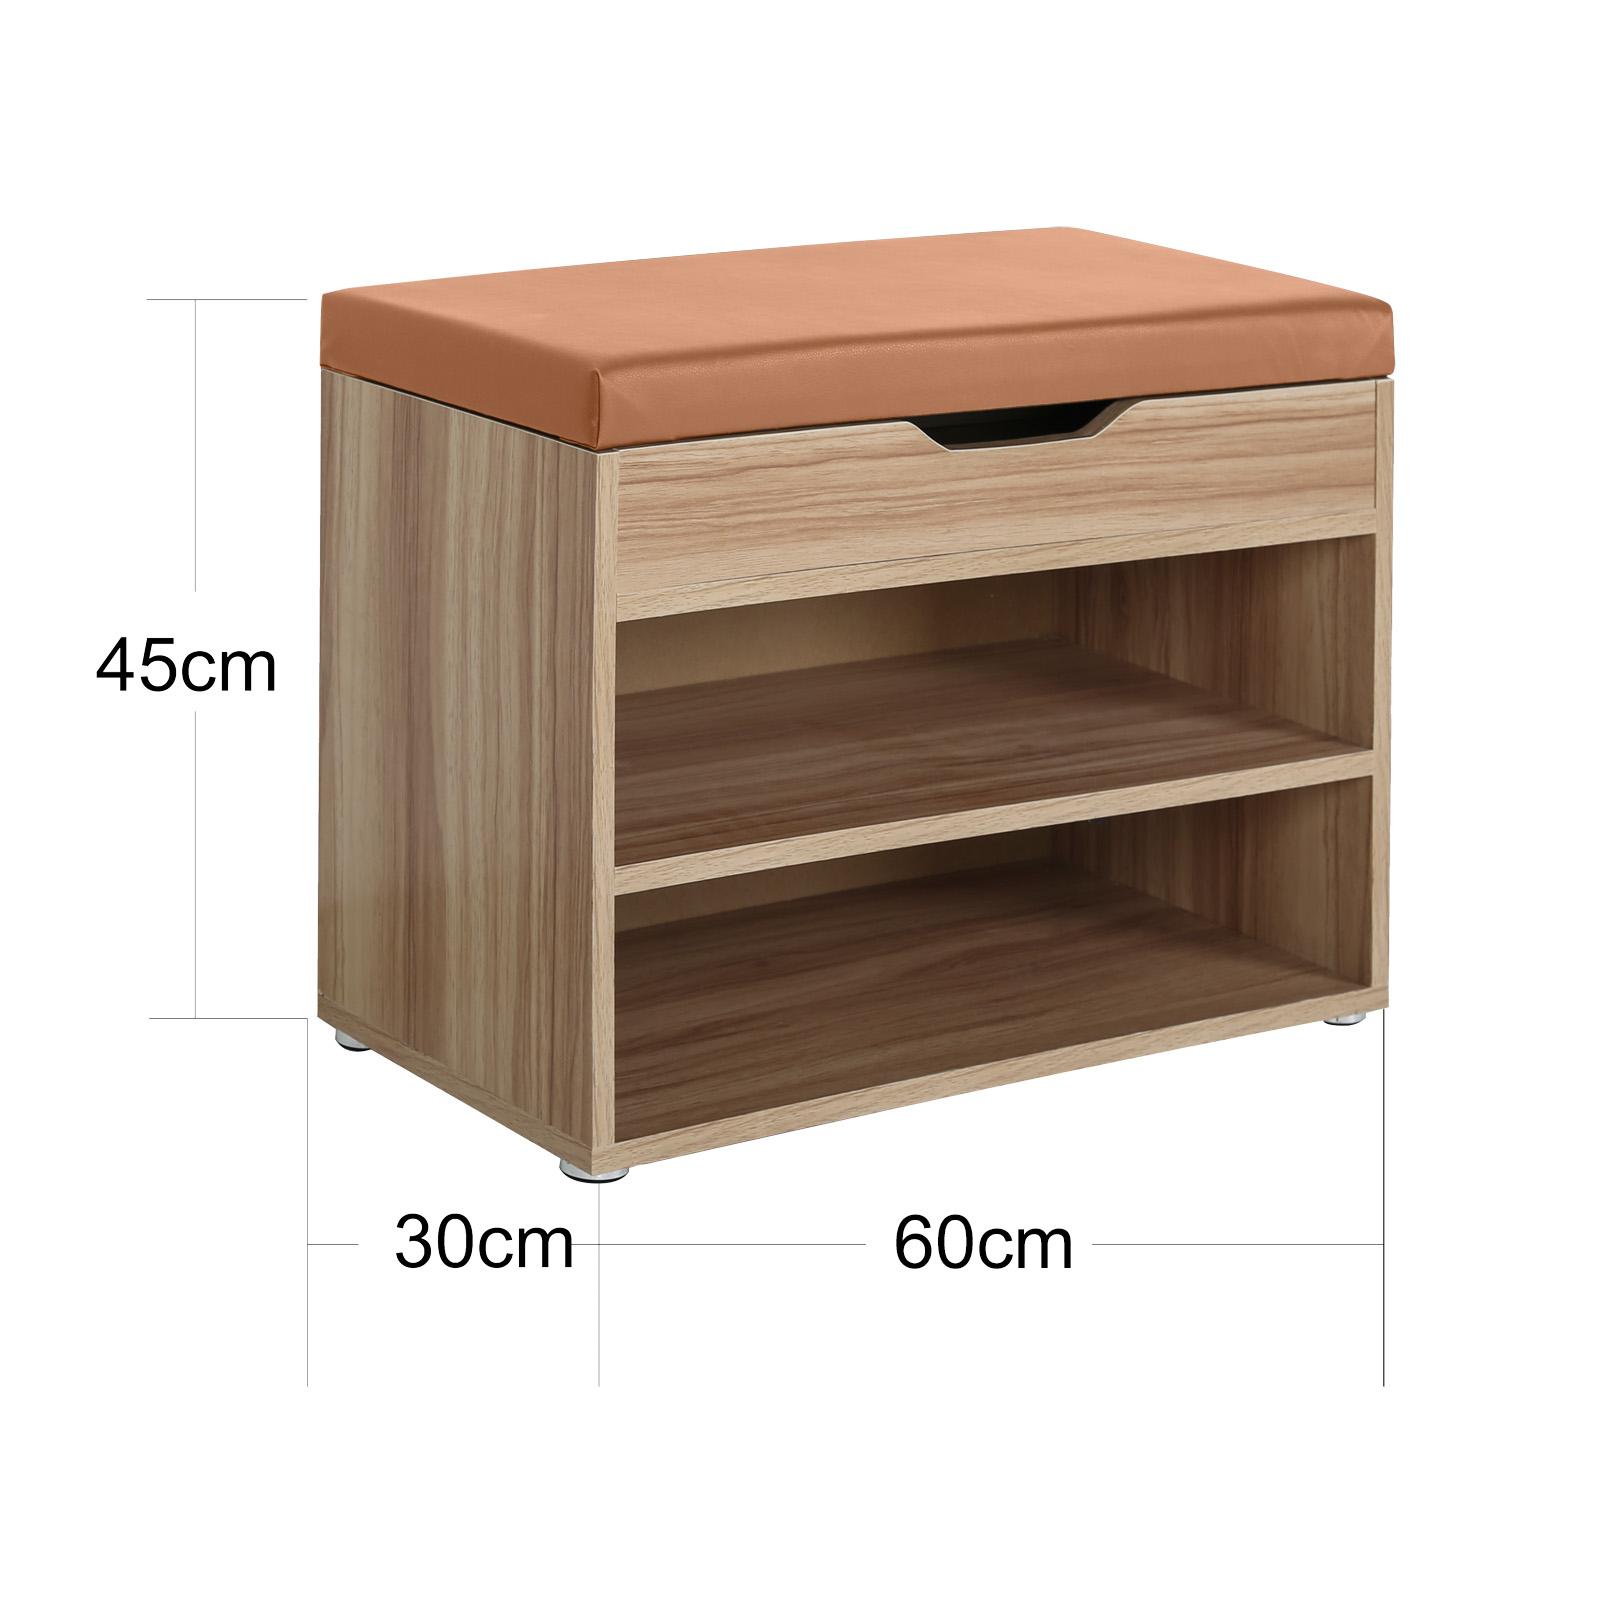 schuhbank schuhschrank schuhablage sitzbank regal deckel 6 paar schuhe eiche ebay. Black Bedroom Furniture Sets. Home Design Ideas